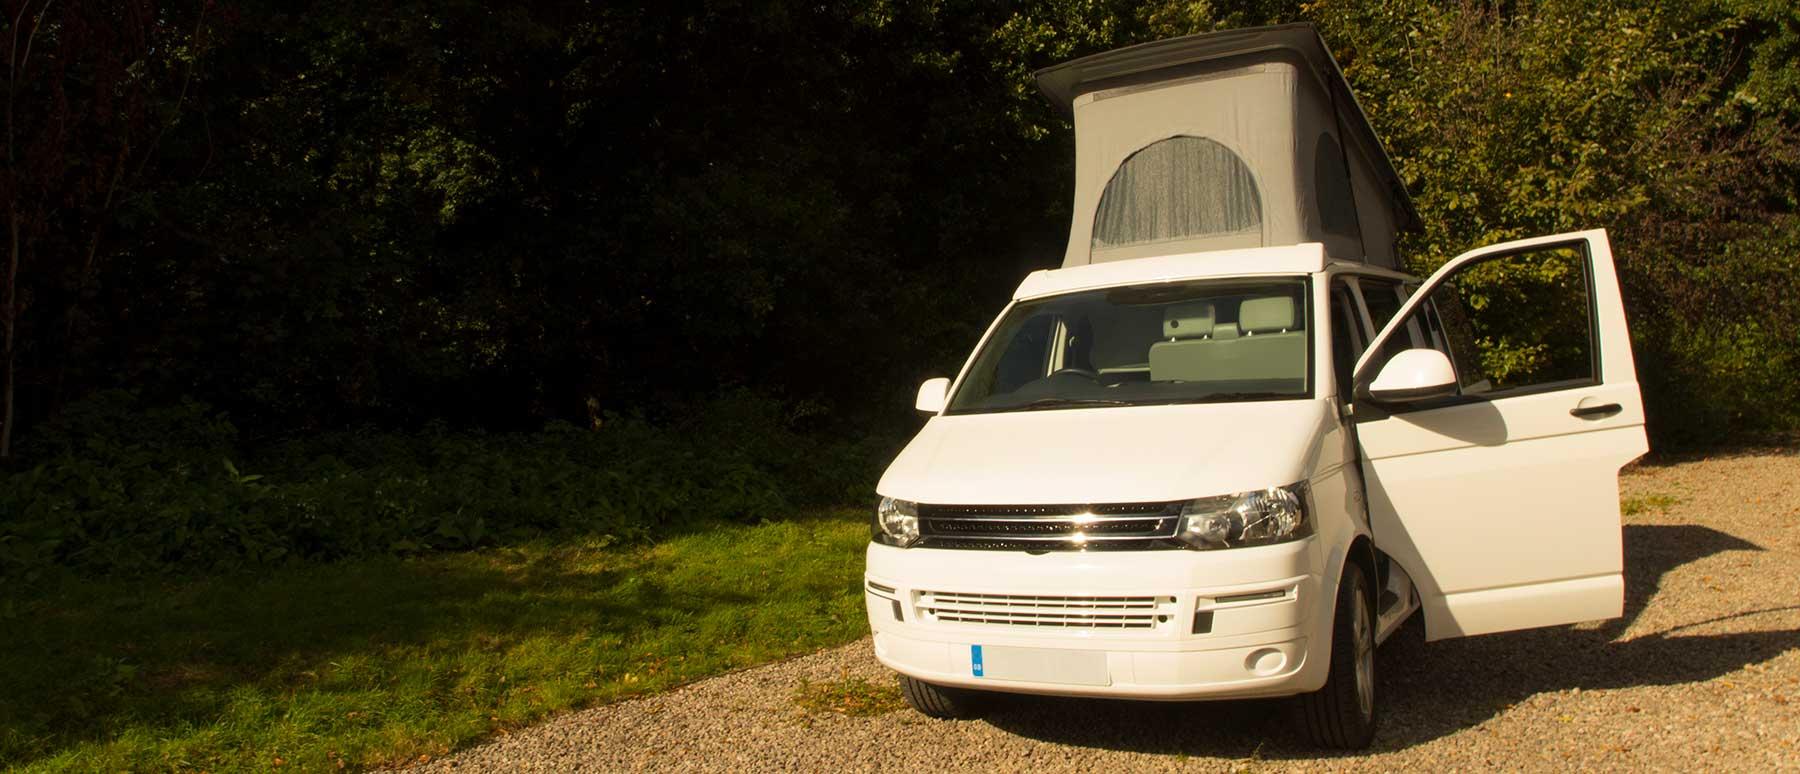 Volkswagen Transporter VW T5 Campervan Conversions